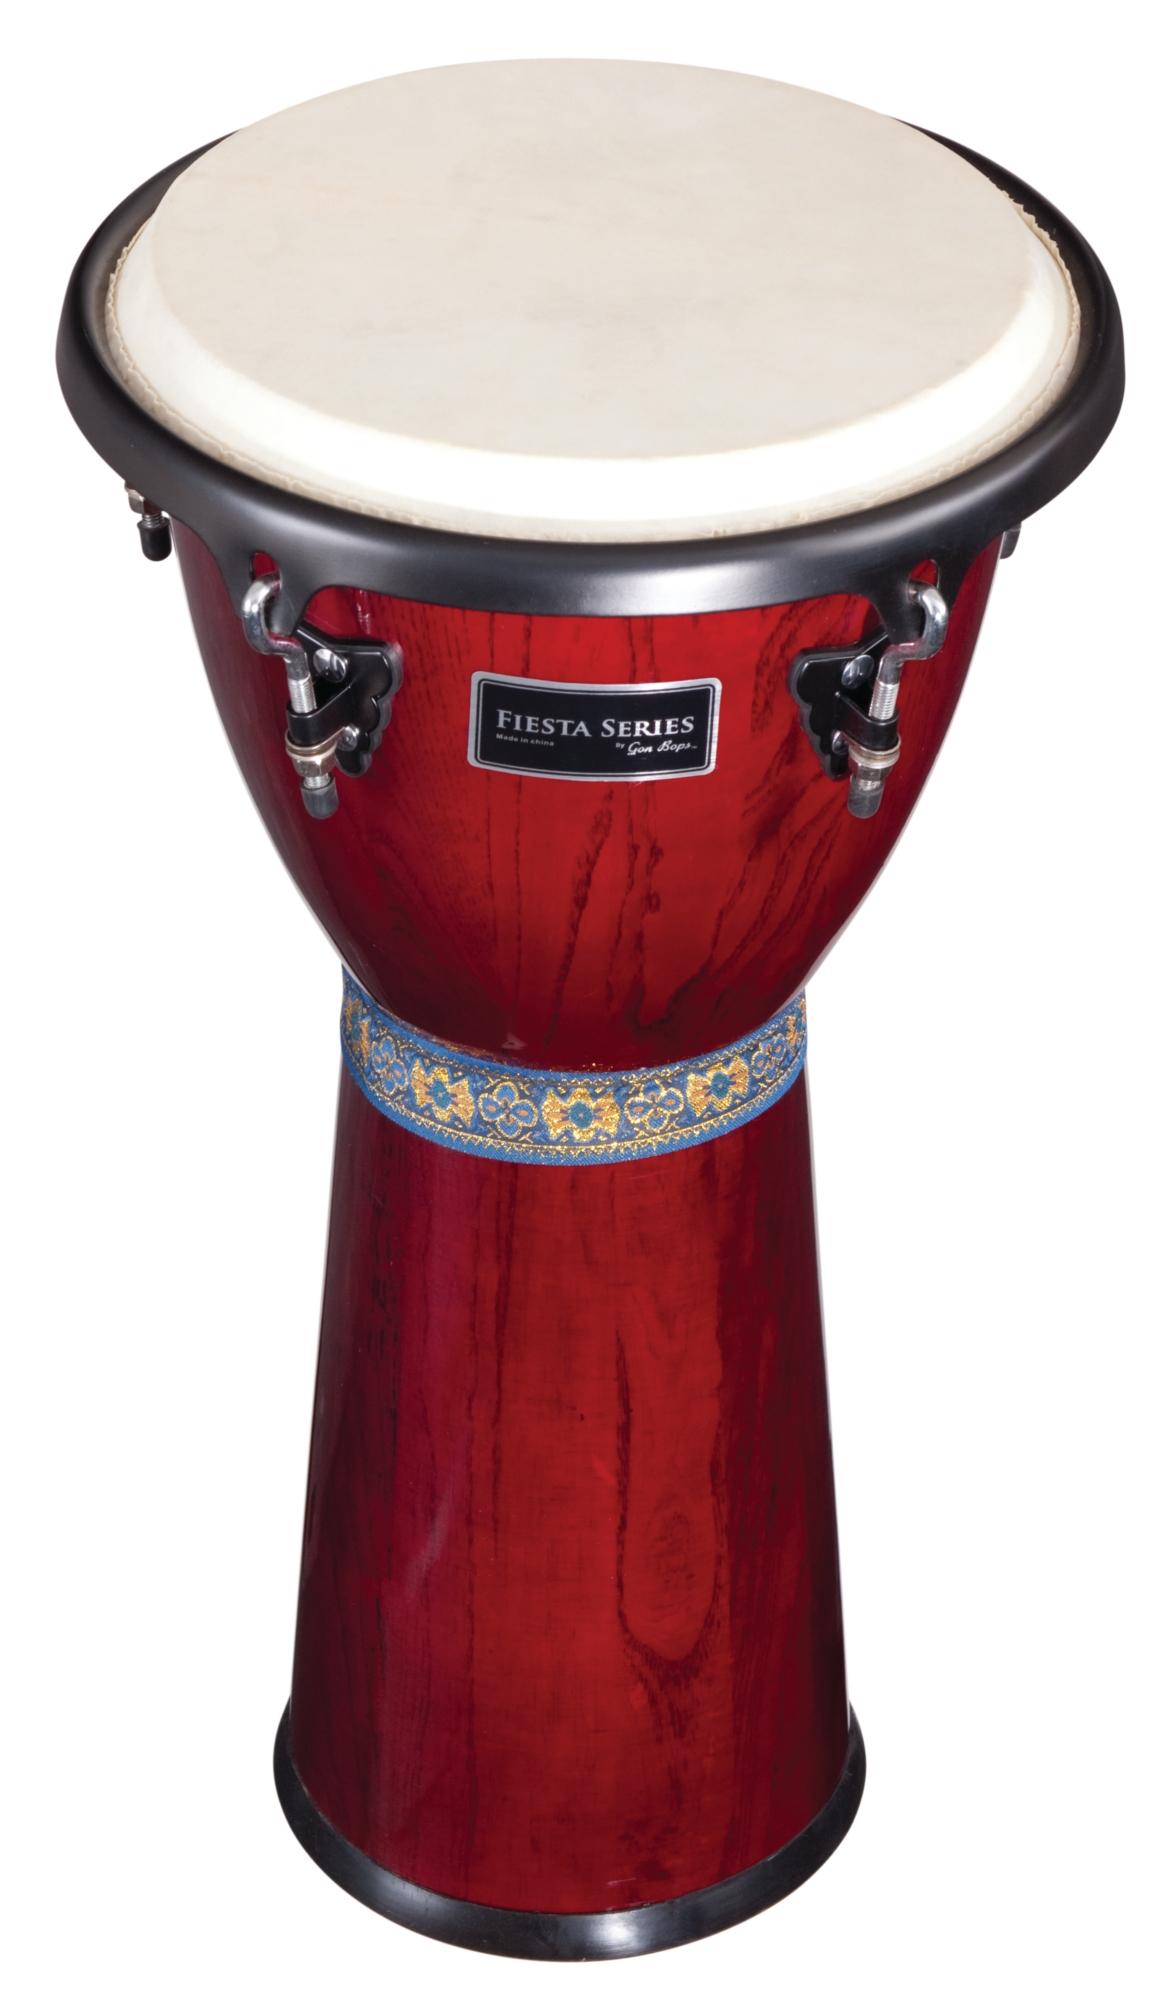 fiesta-djembe-walnut-top-2000-px